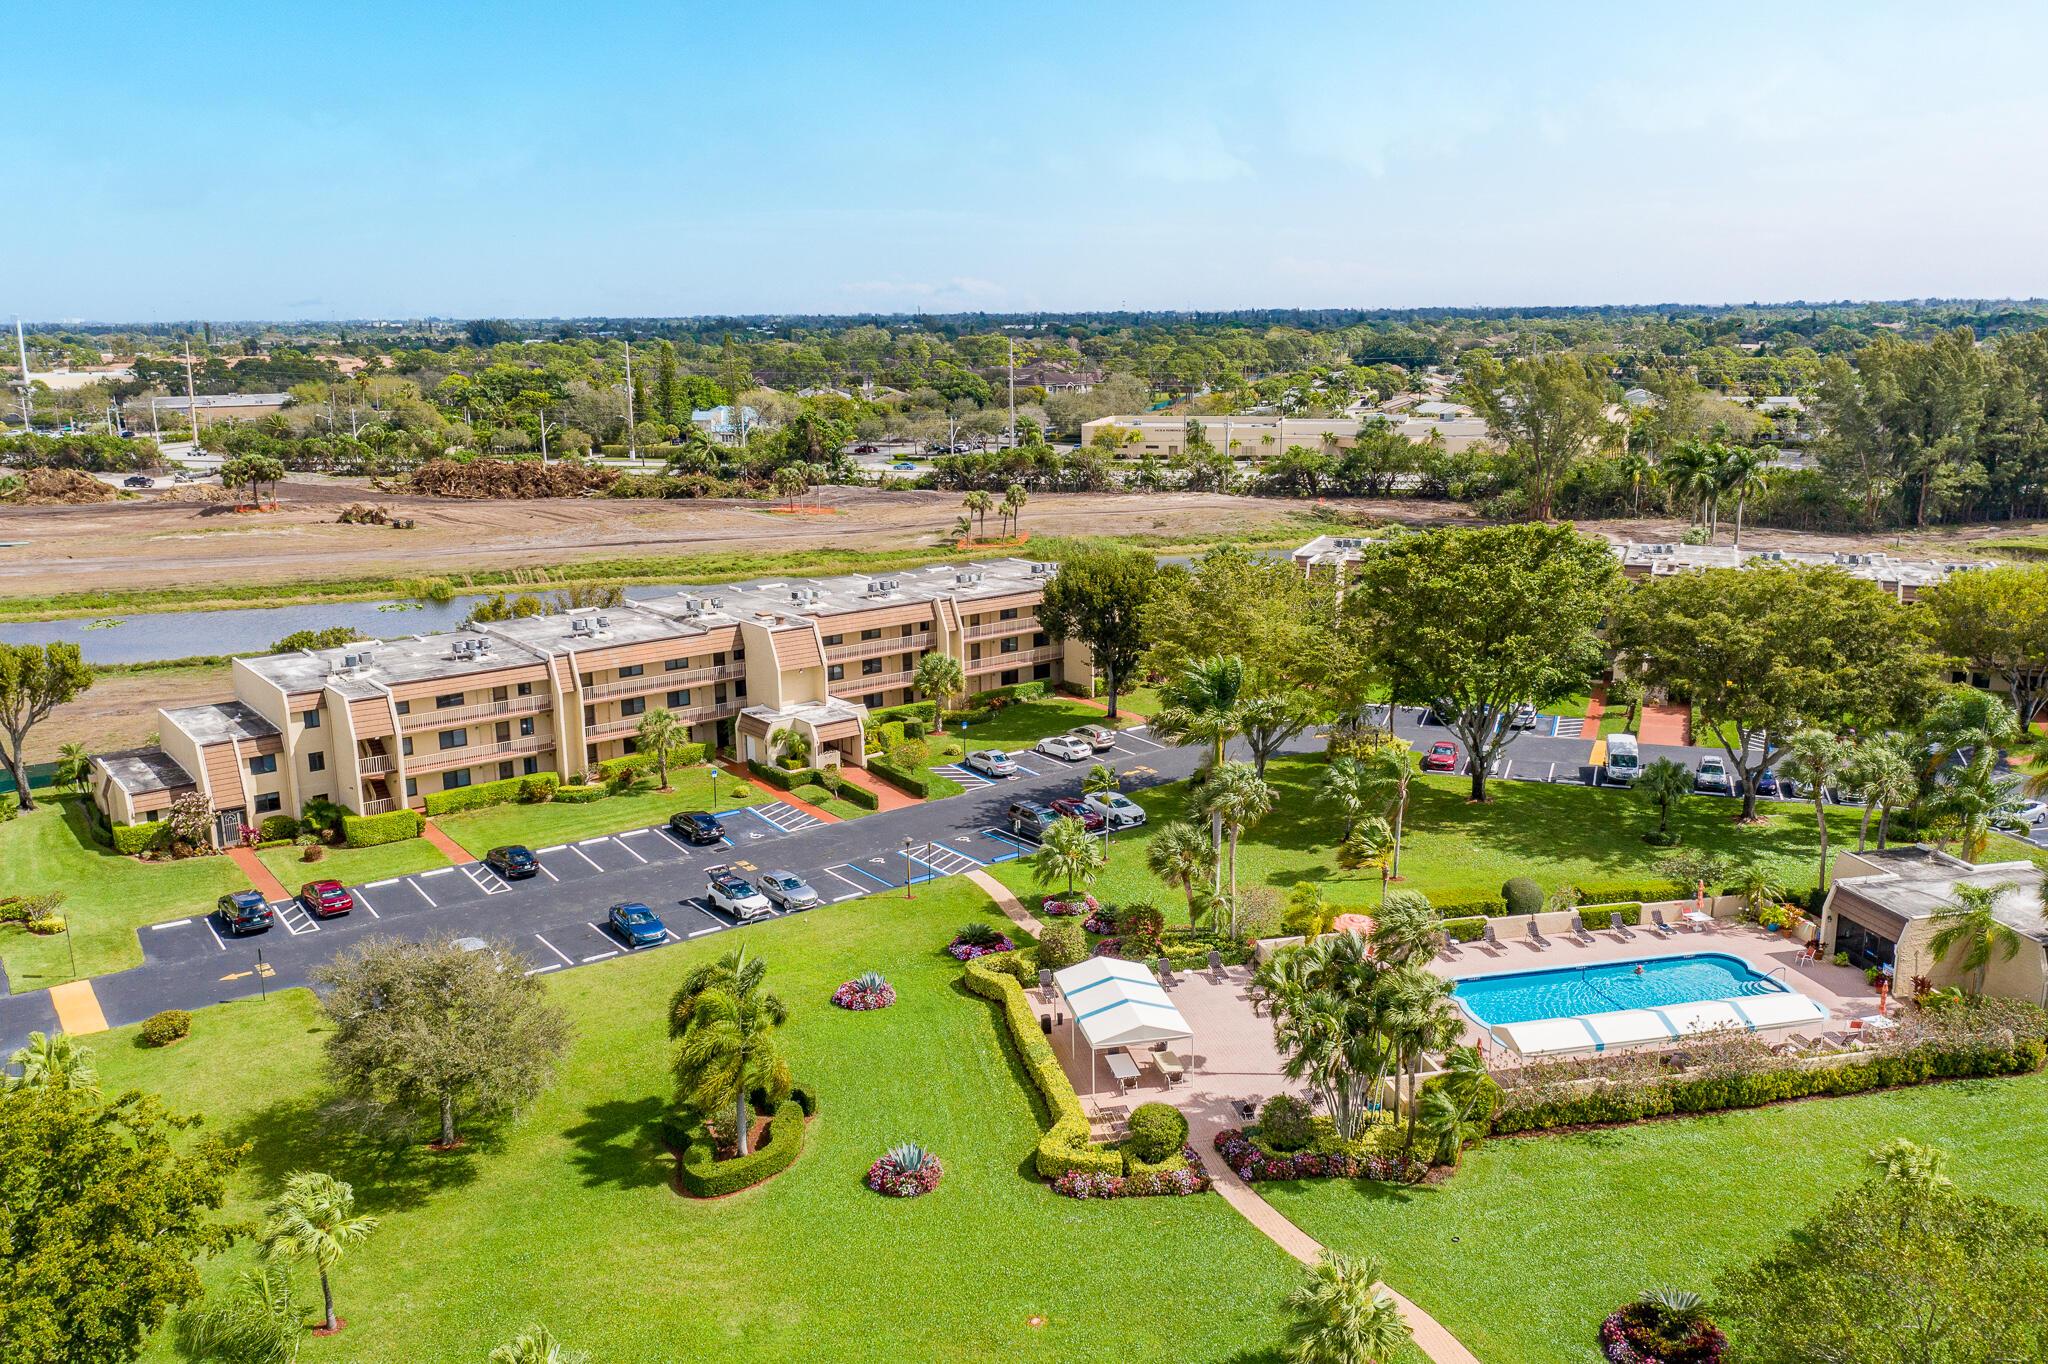 4248 Deste Court 306 Lake Worth, FL 33467